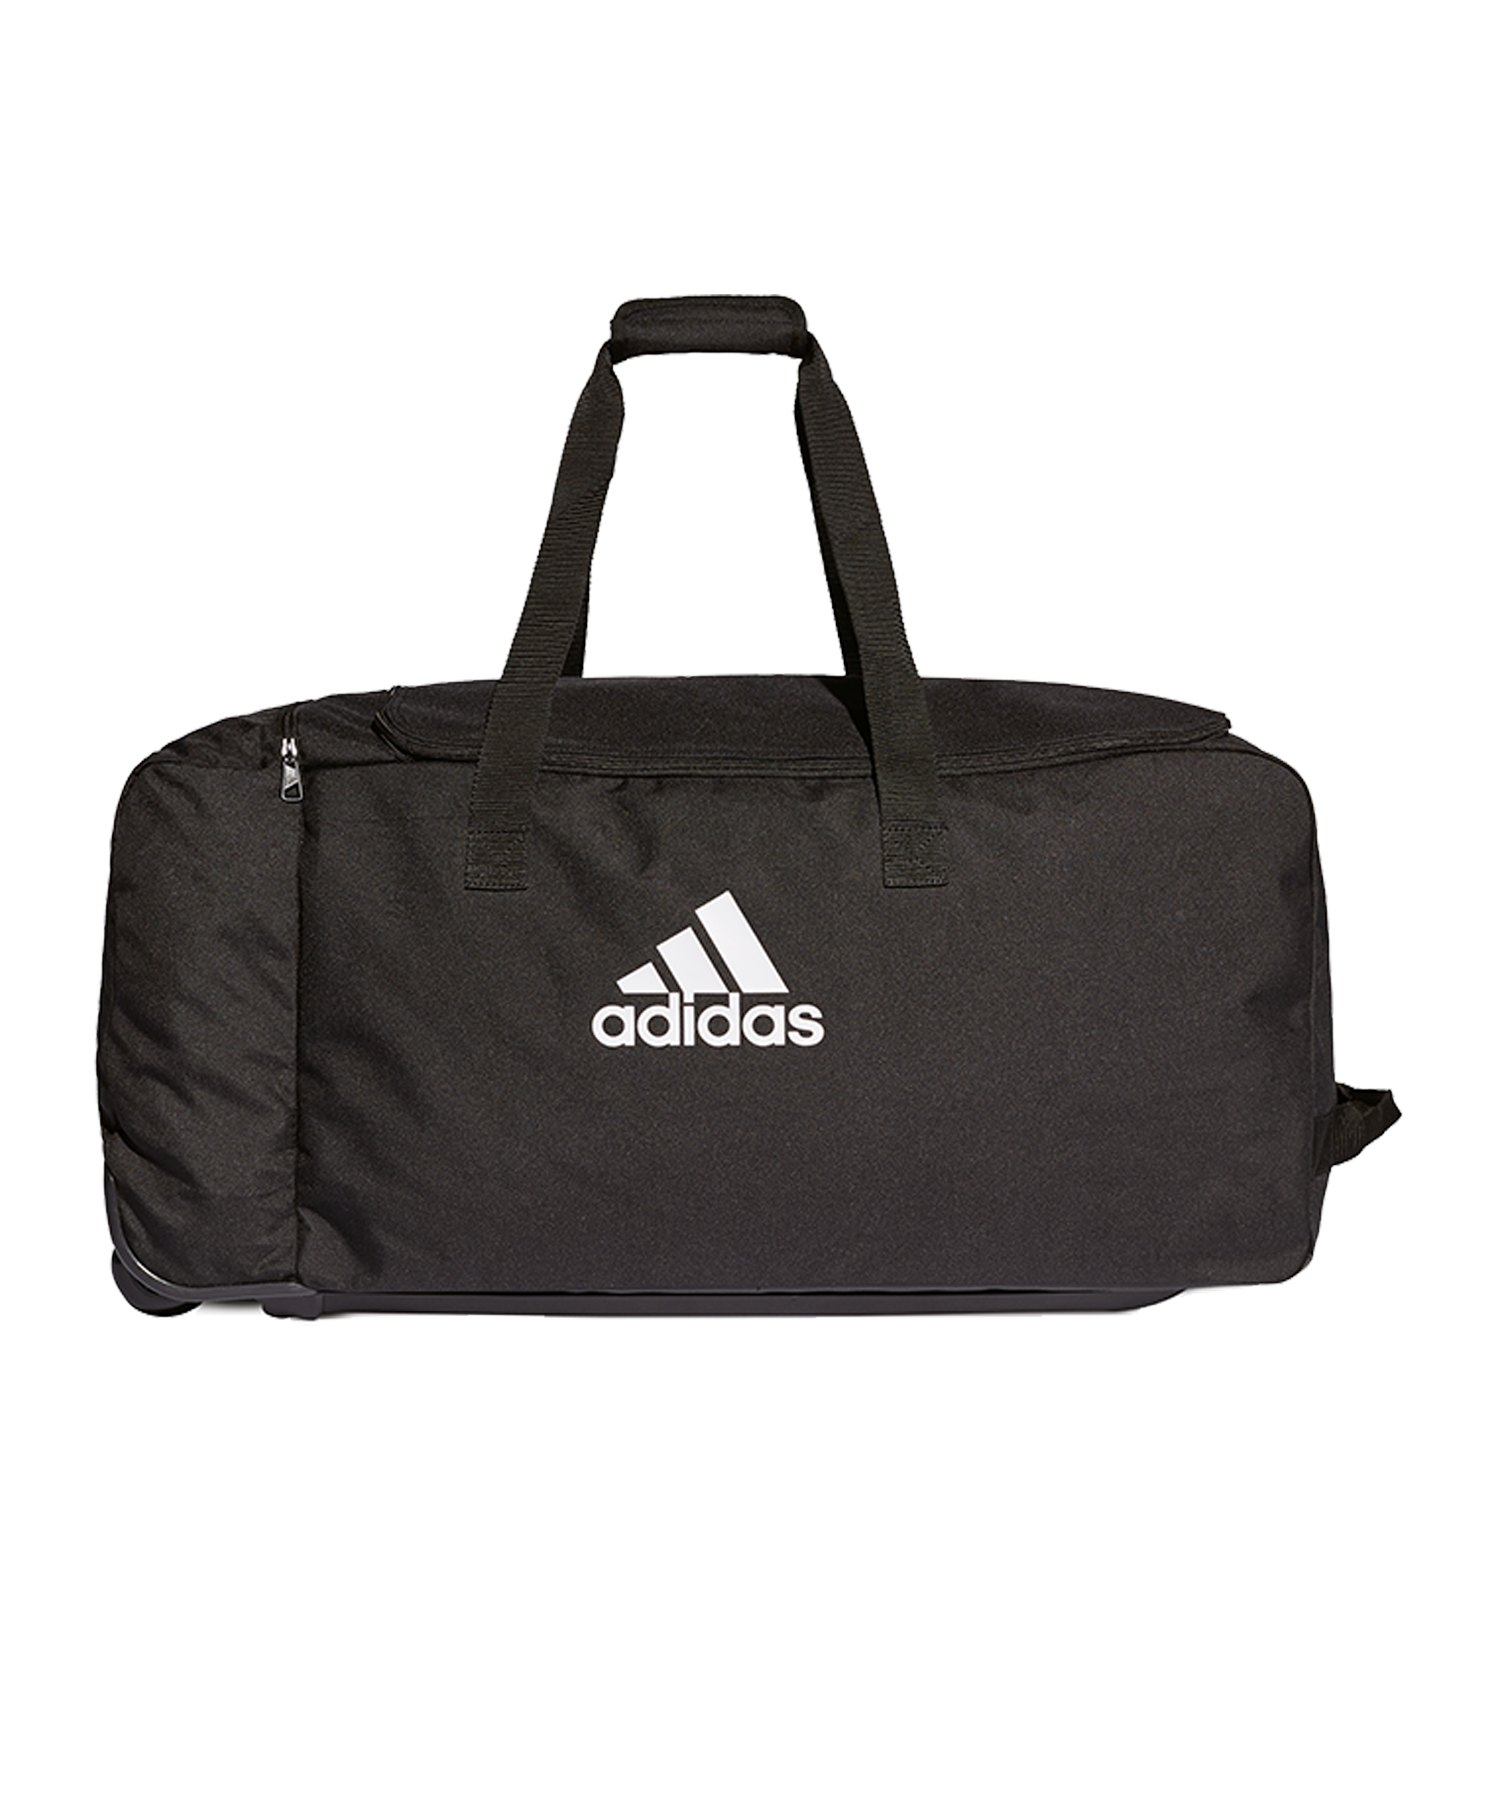 adidas Tiro Duffel Bag Gr. XL Schwarz Weiss - schwarz